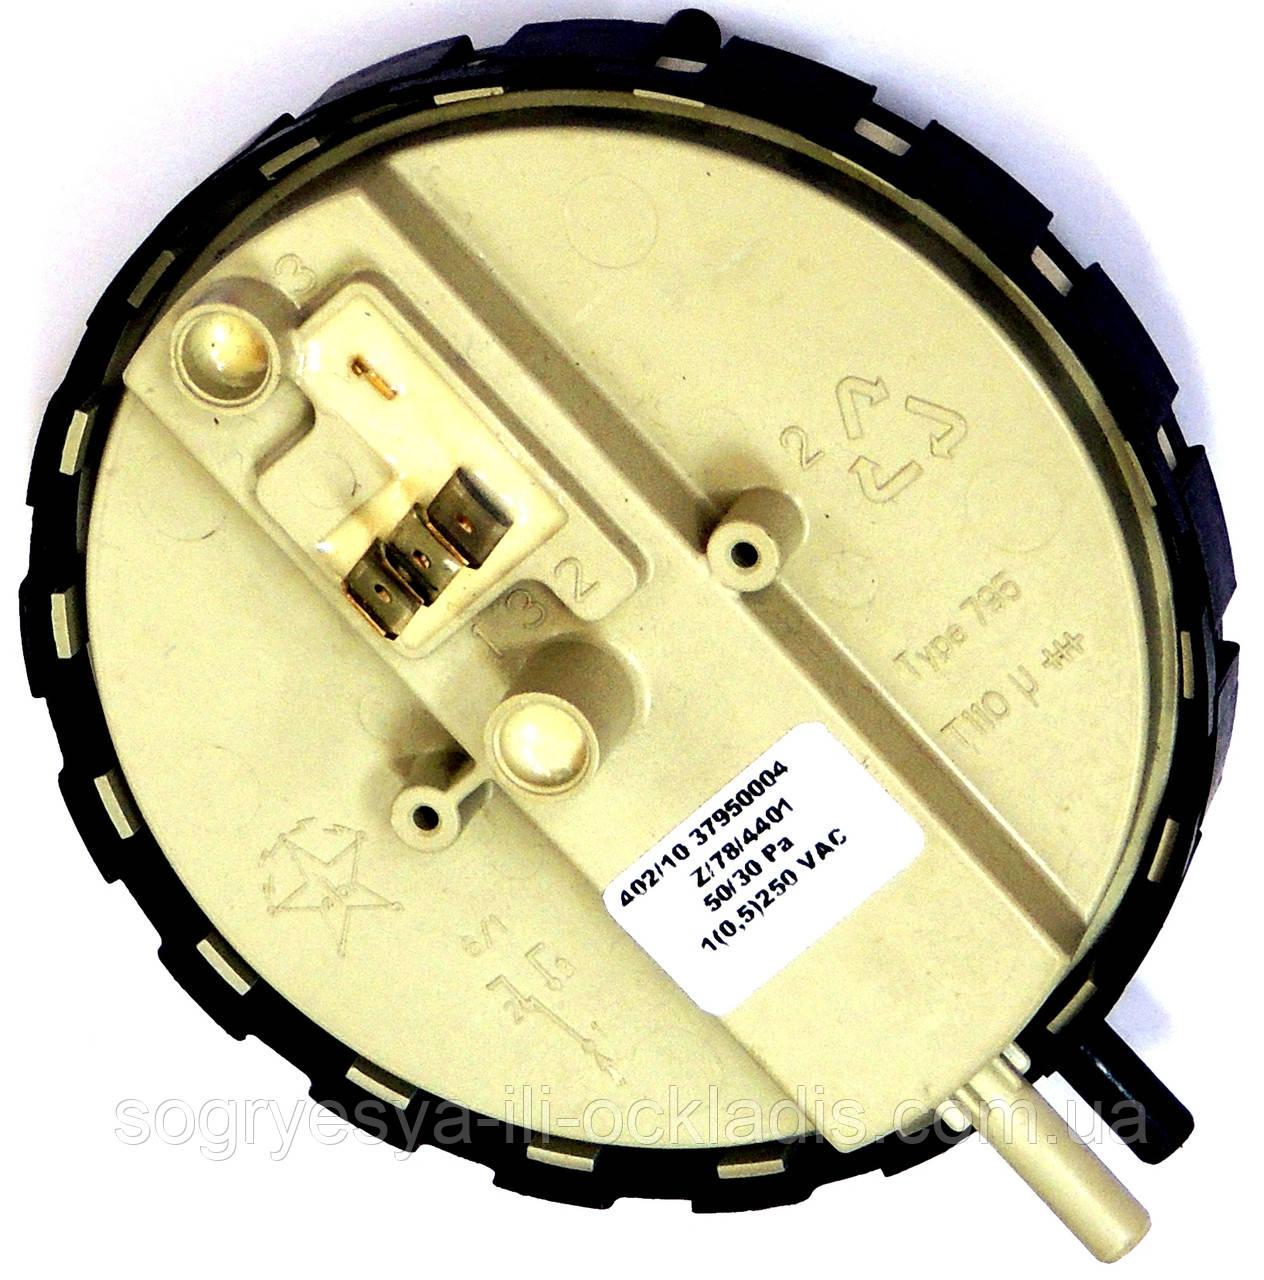 Прессостат повітря аналог Bitron 50/30 Pa (б.ф.у, Китай) газових котлів різних модифікацій, к. з. 0053/2